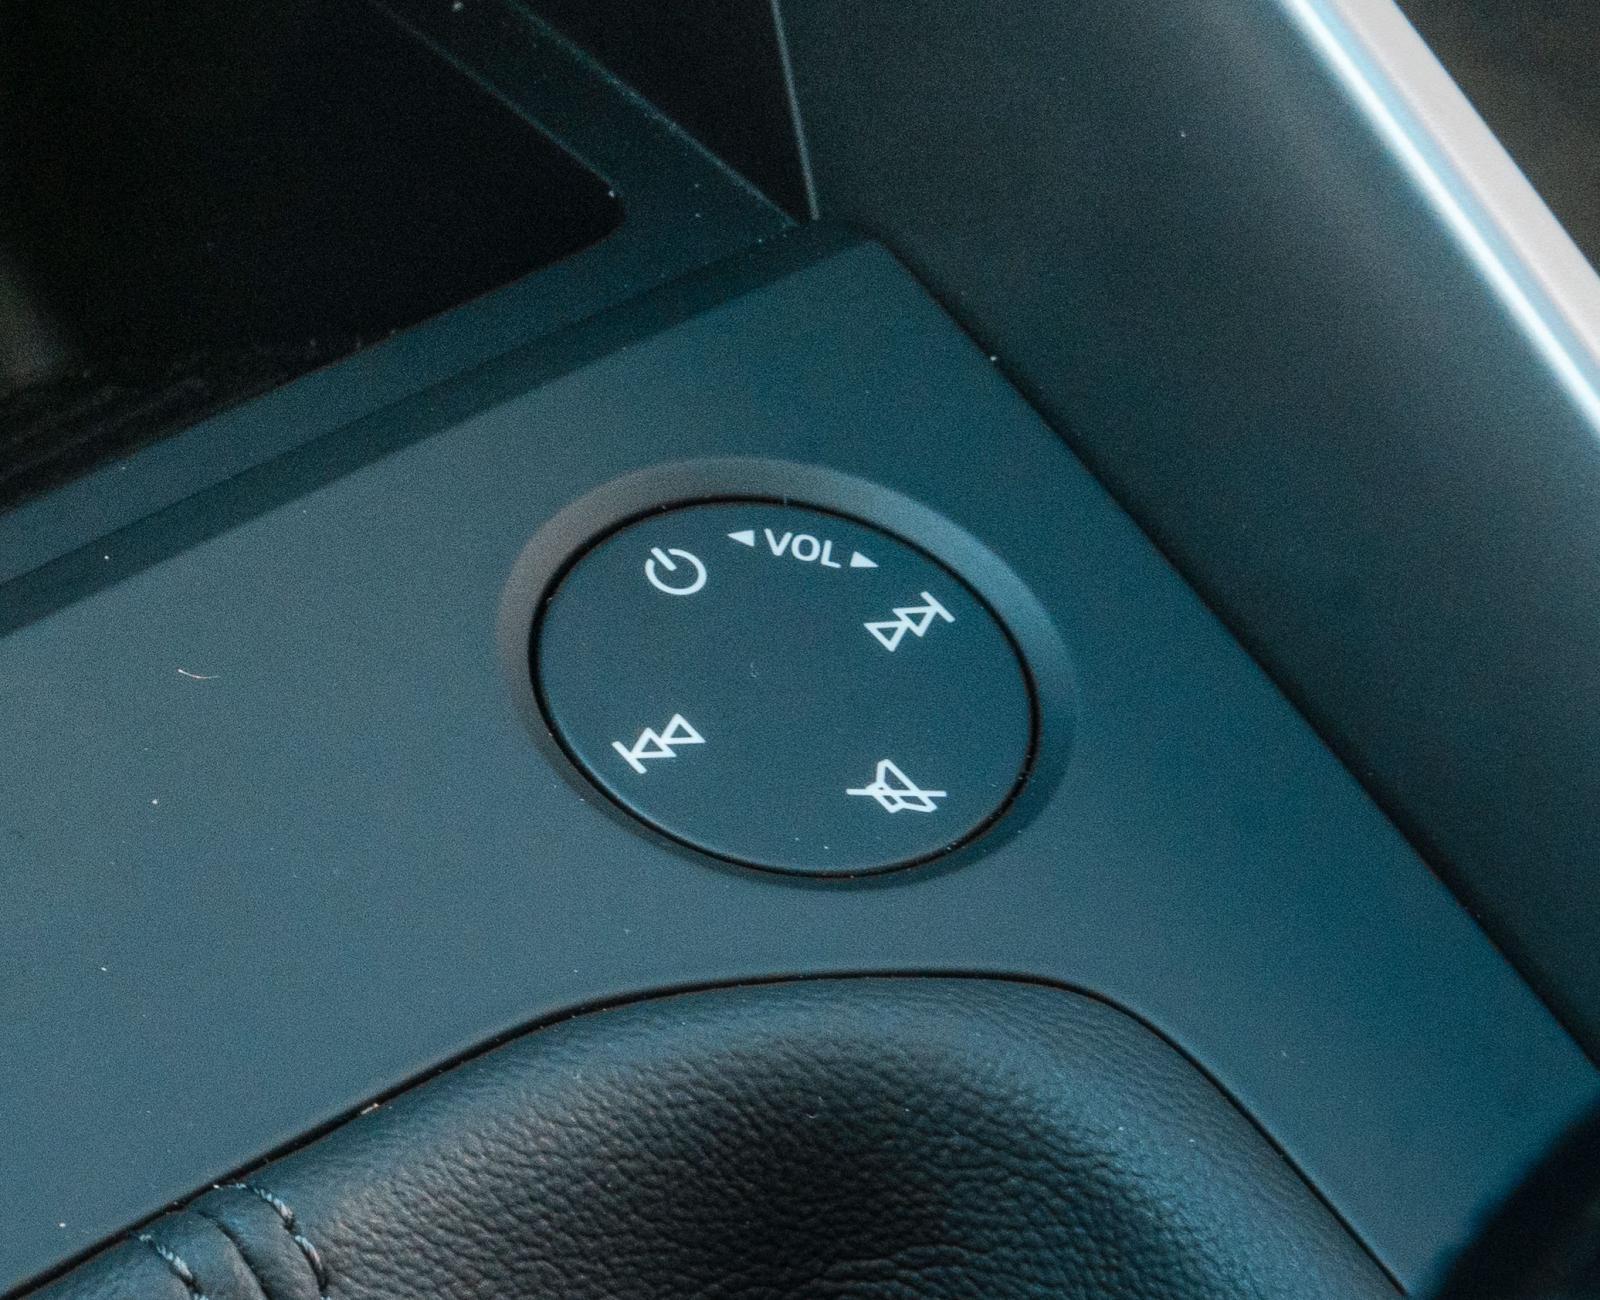 Audis tidigare volymvred gick att sköta med handskar, nu har en pekyta ersatt vredet. Snurra med fingret på ytan för att höja eller sänka volym. Tryck på respektive symbol för att spola eller pausa. Visst effektsökeri men det fungerar trots allt bra.